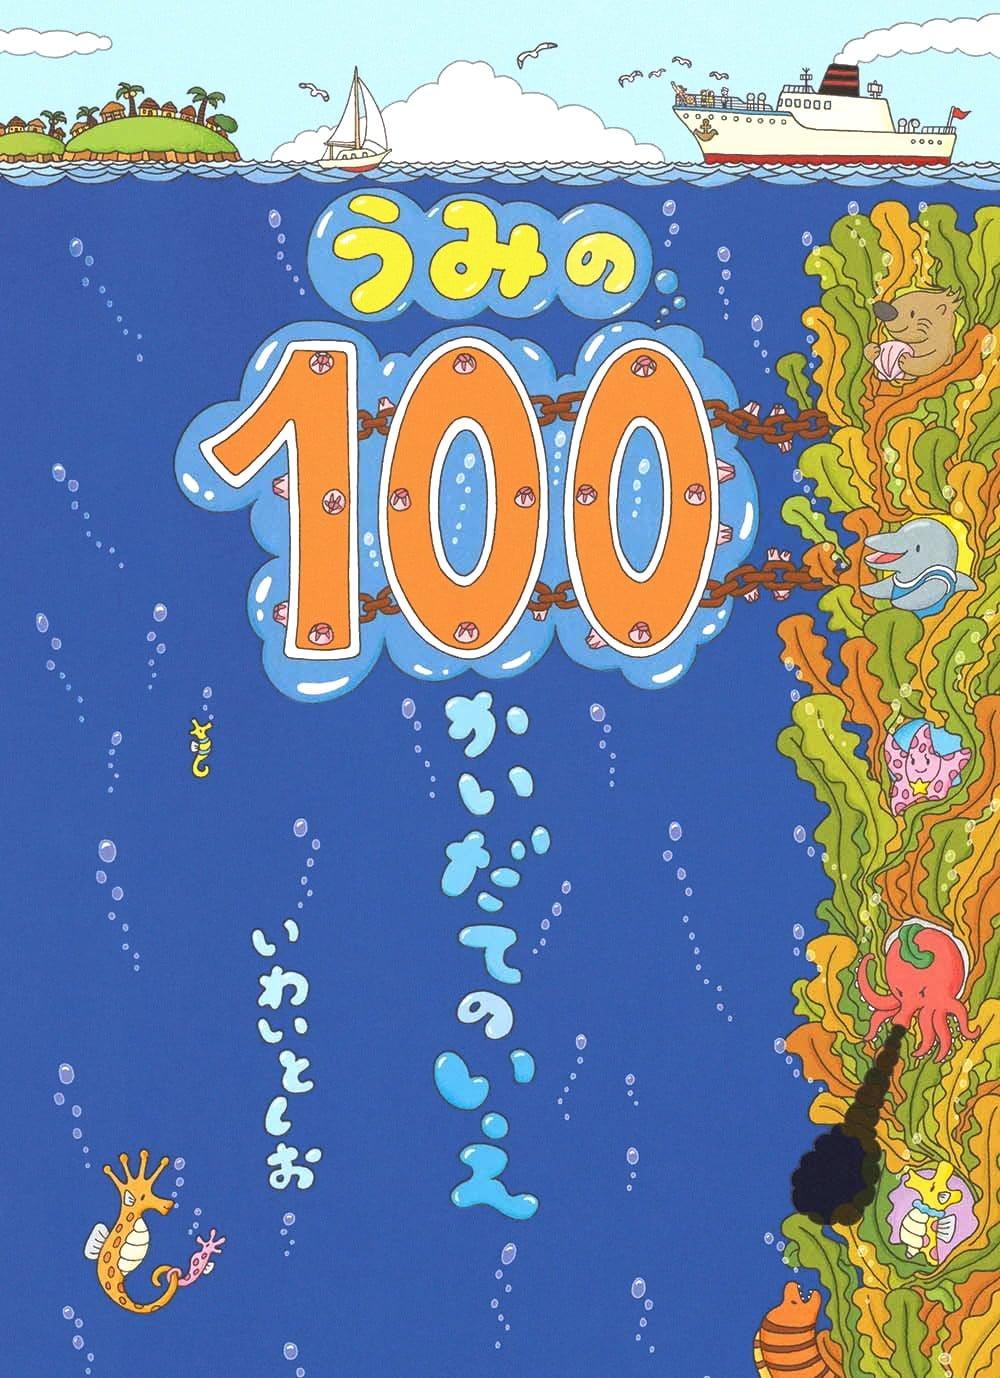 絵本「うみの100かいだてのいえ」の表紙